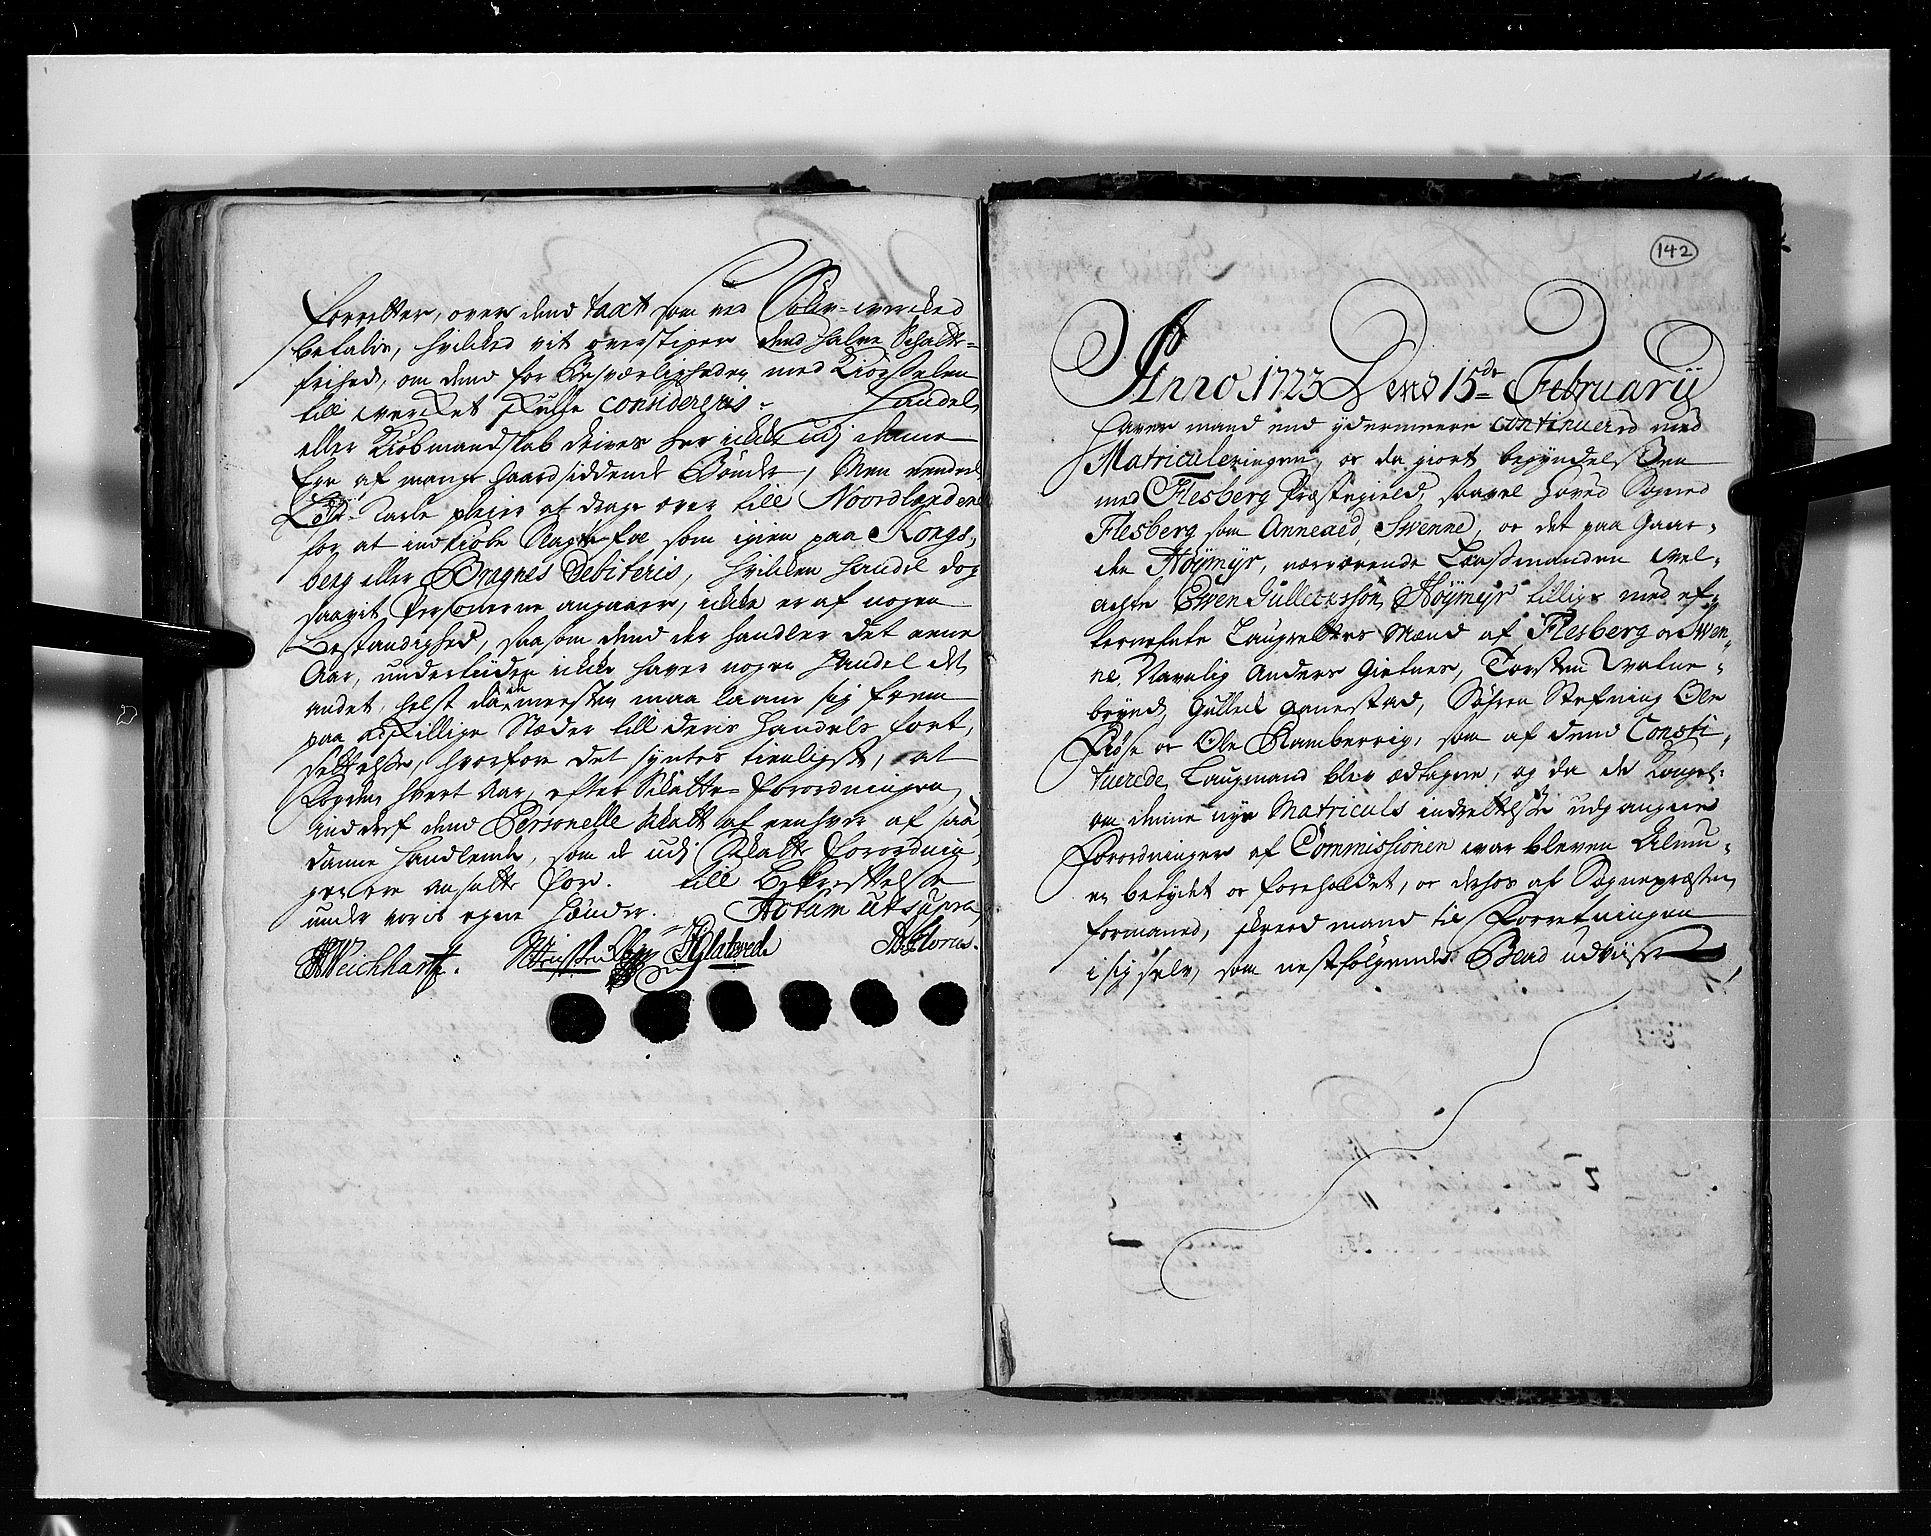 RA, Rentekammeret inntil 1814, Realistisk ordnet avdeling, N/Nb/Nbf/L0113: Numedal og Sandsvær eksaminasjonsprotokoll, 1723, s. 141b-142a